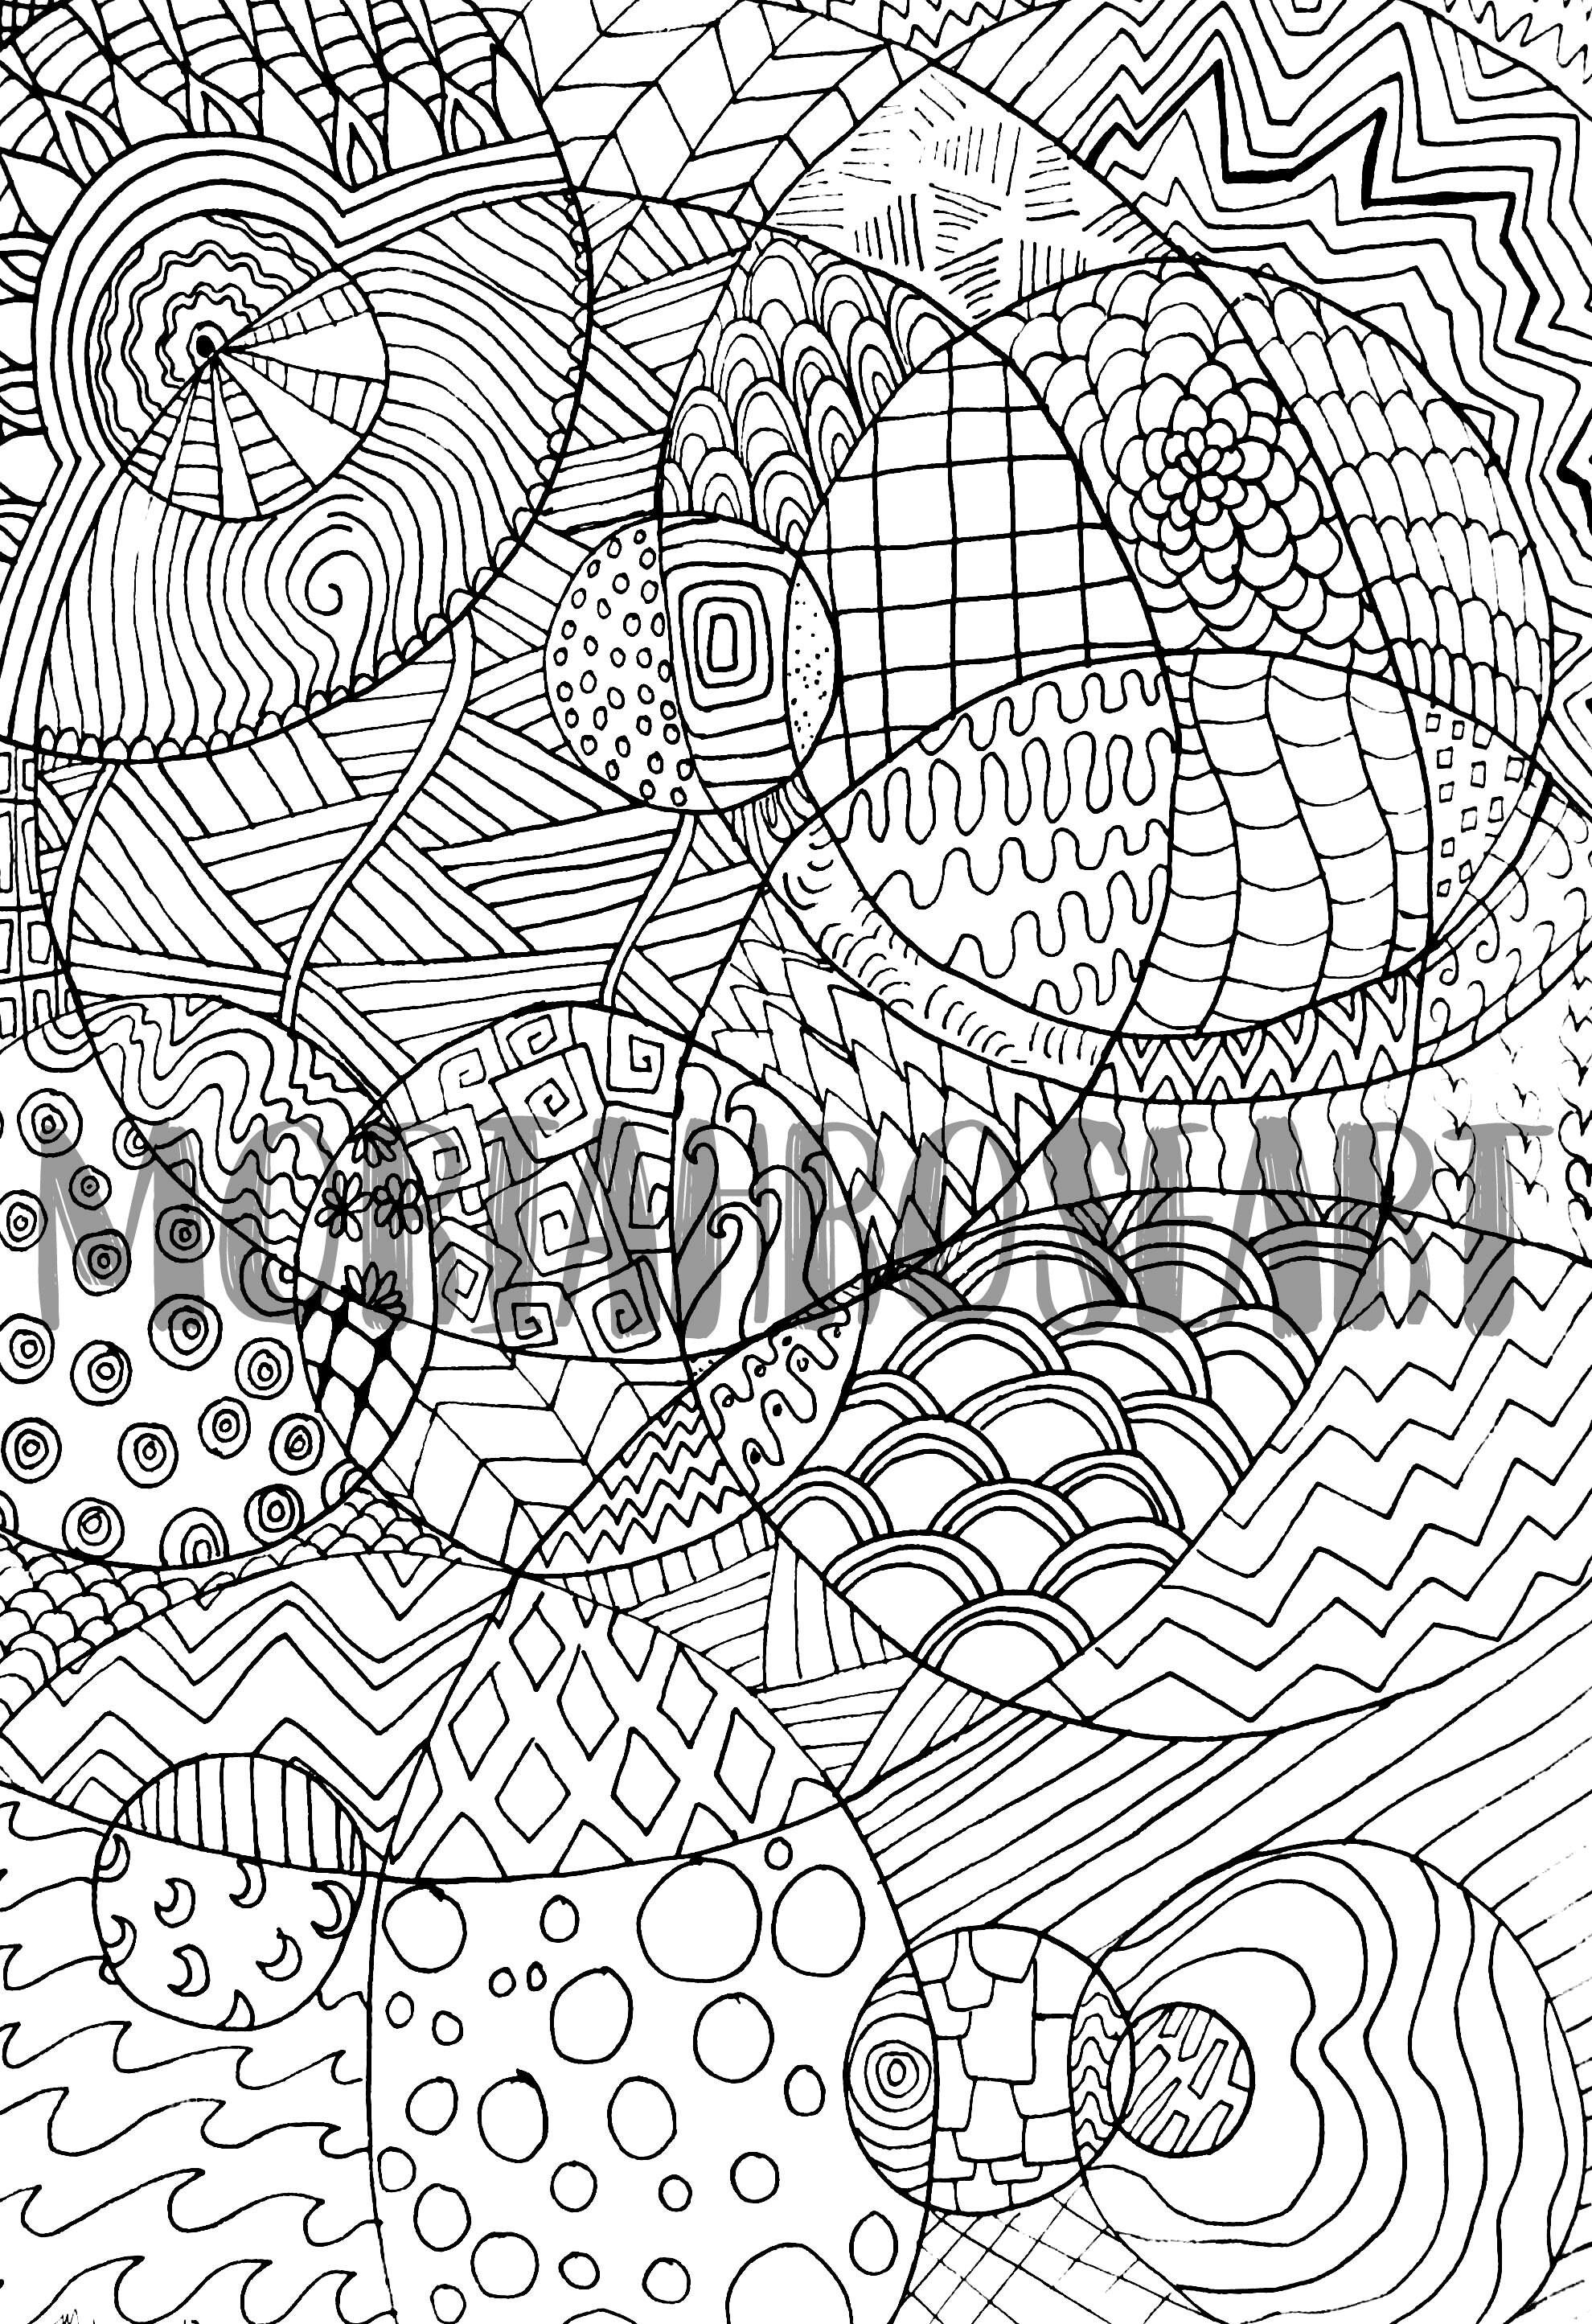 Zentangle Malvorlagen Digitaler Download Druckbare Für | Etsy